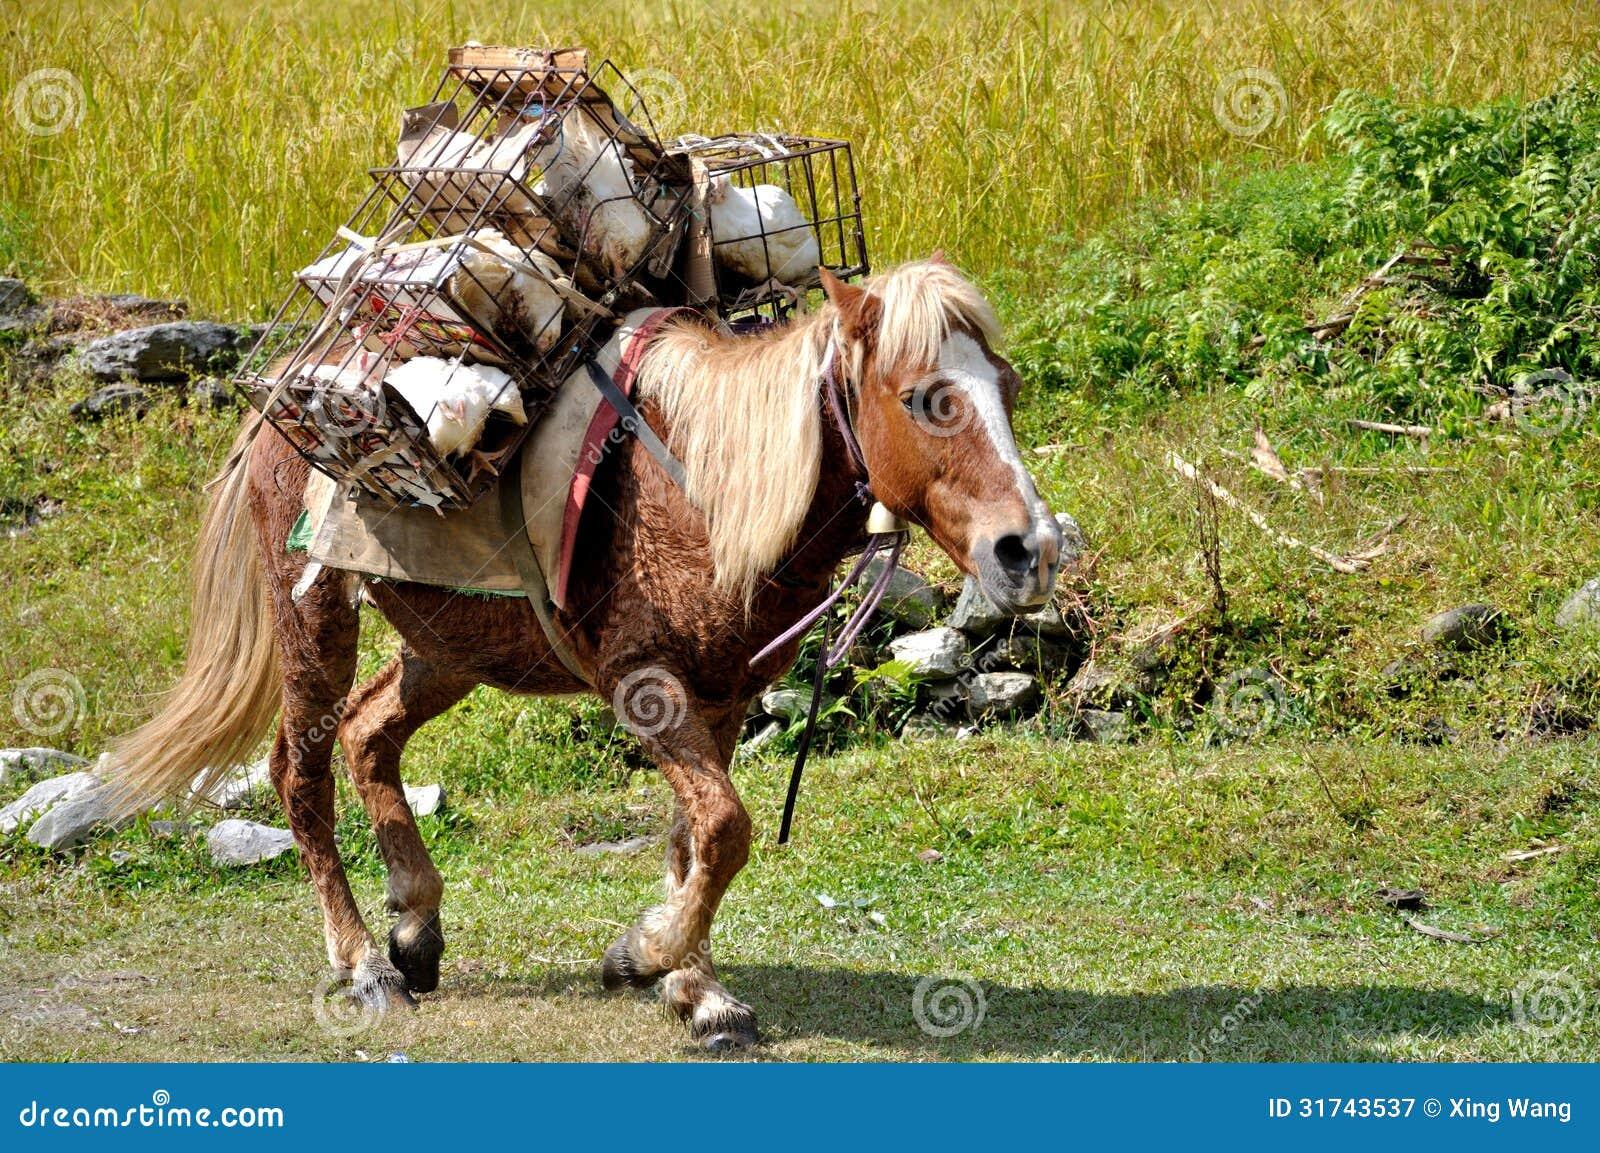 pony ride clipart